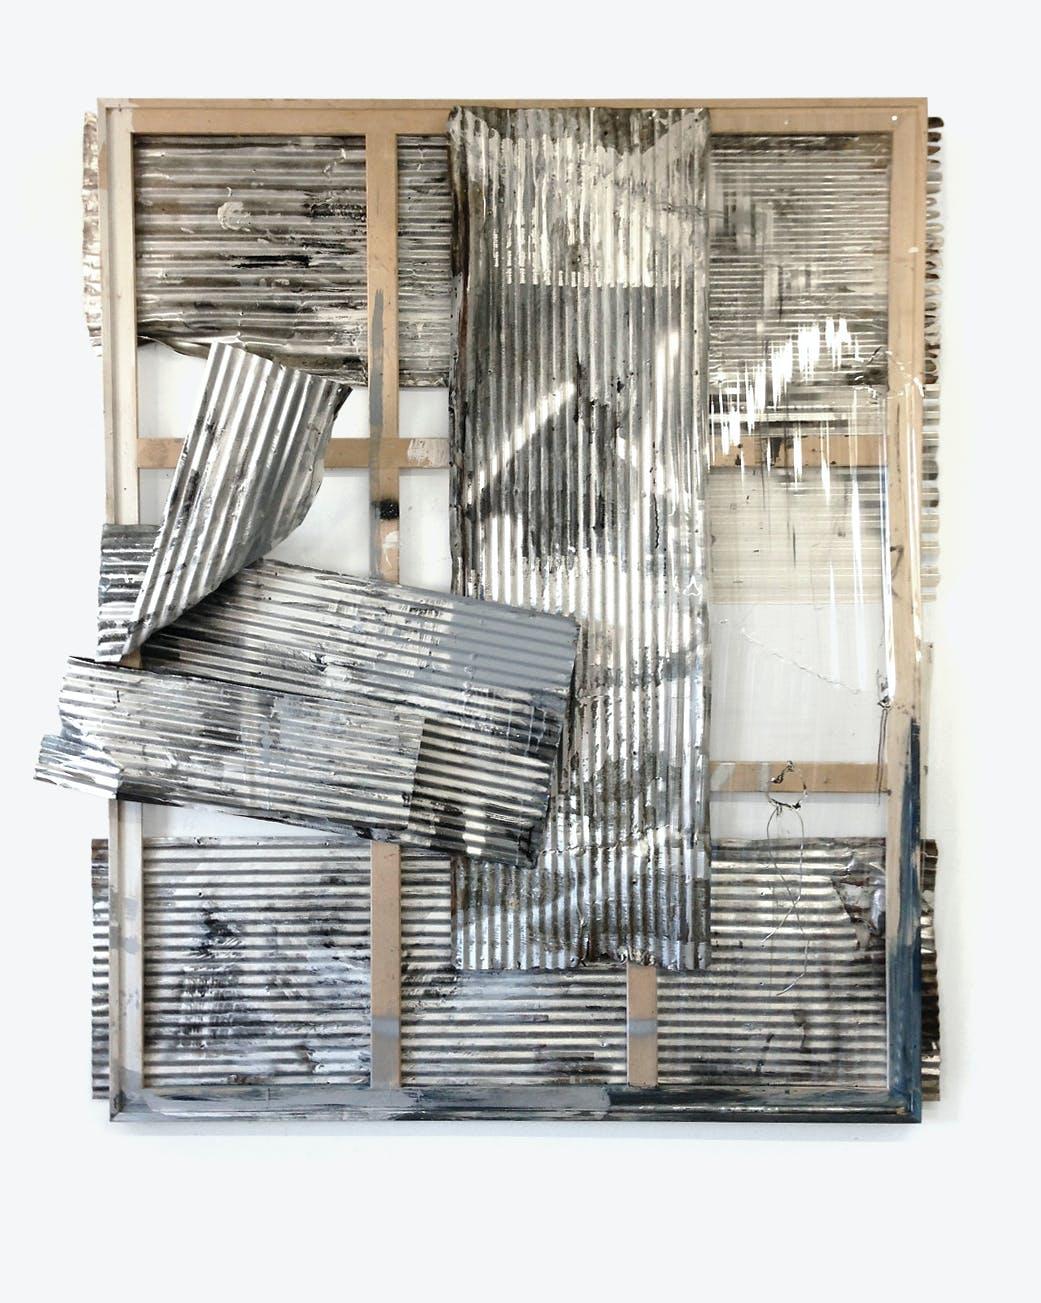 Rosy Keyser, Big Sugar Sea Wall, 2012